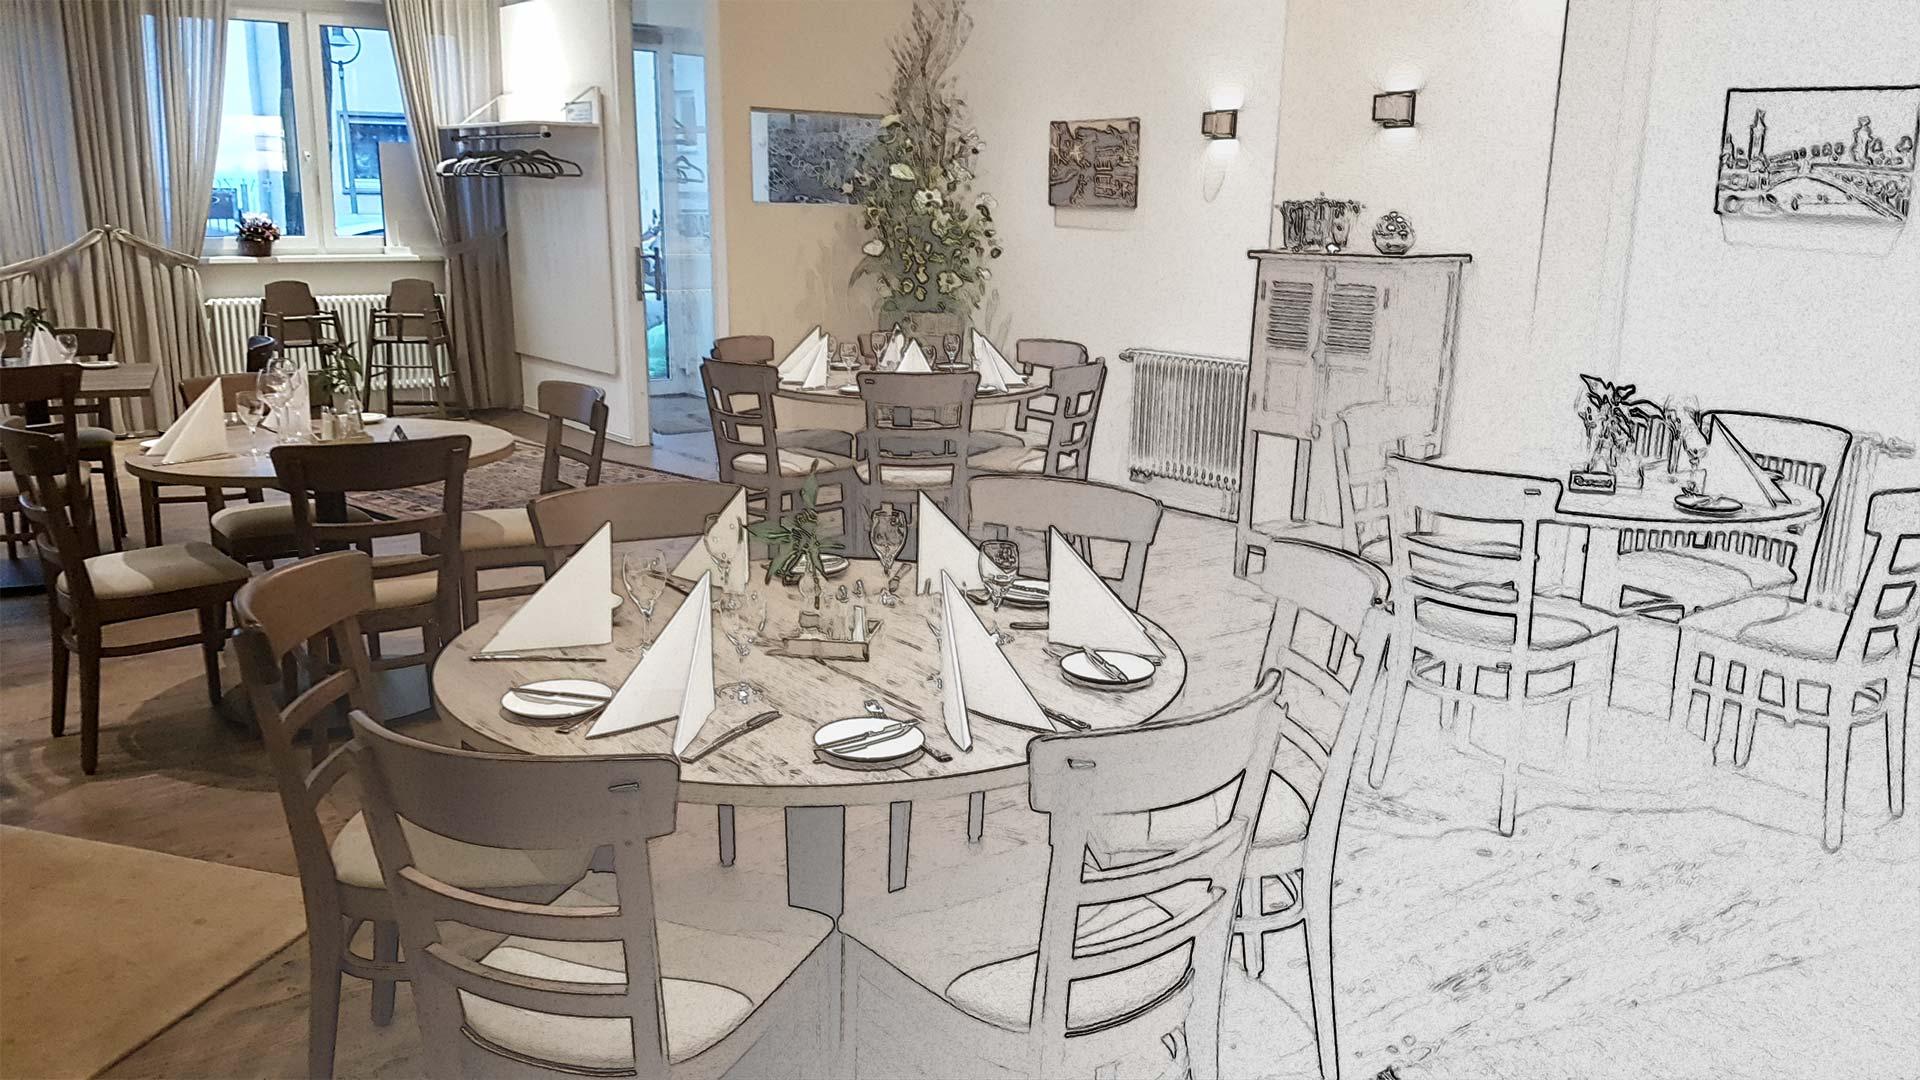 Restaurant Pfalzgraf in Ludwigshafen: Planung und Umsetzung aus einer Hand